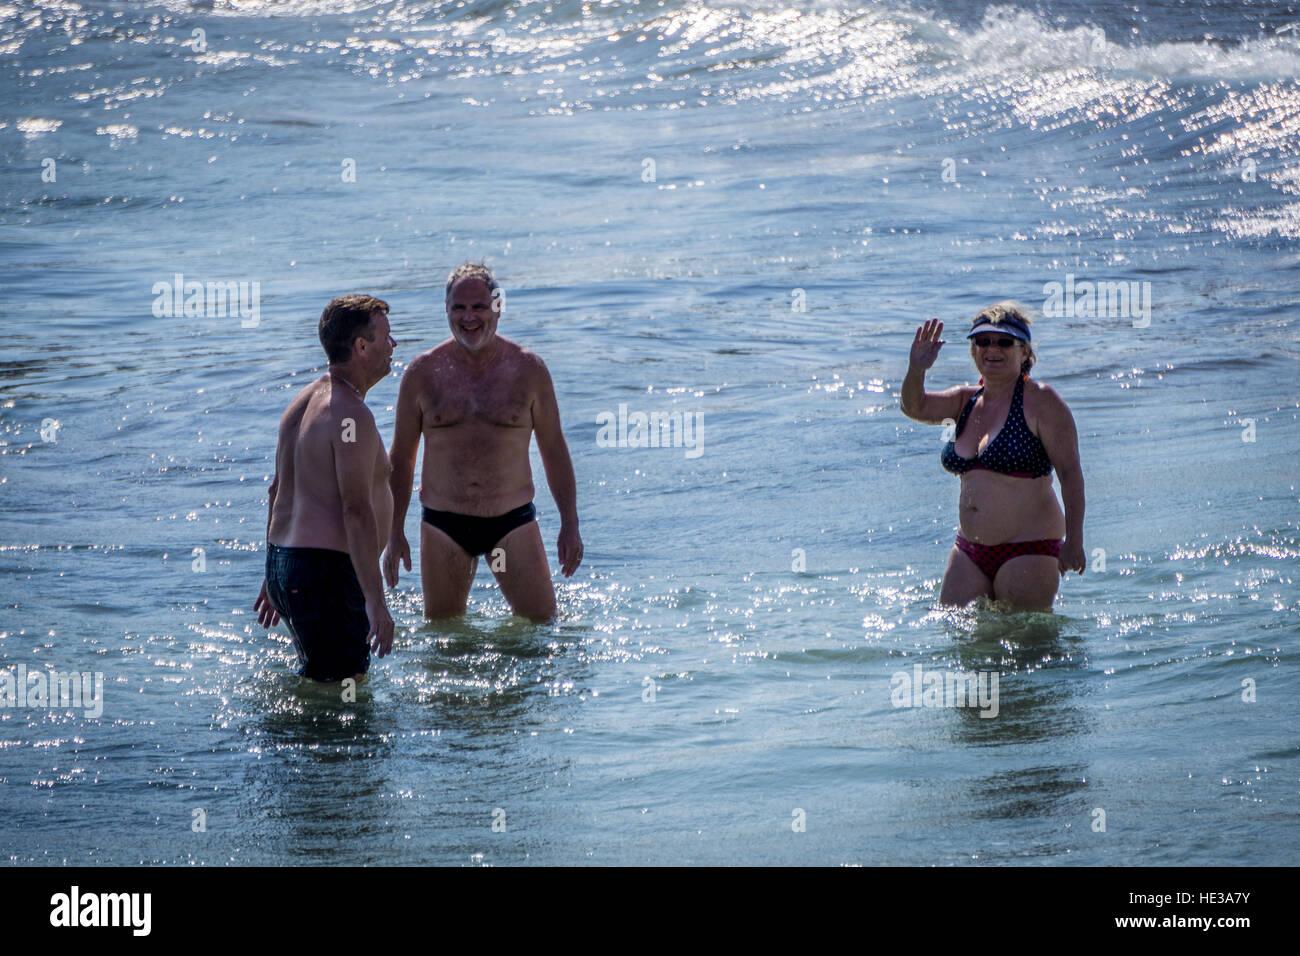 Zwei Männer mittleren Alters und Paddeln im Meer, die Frau in die Kamera winken Frauen Stockbild